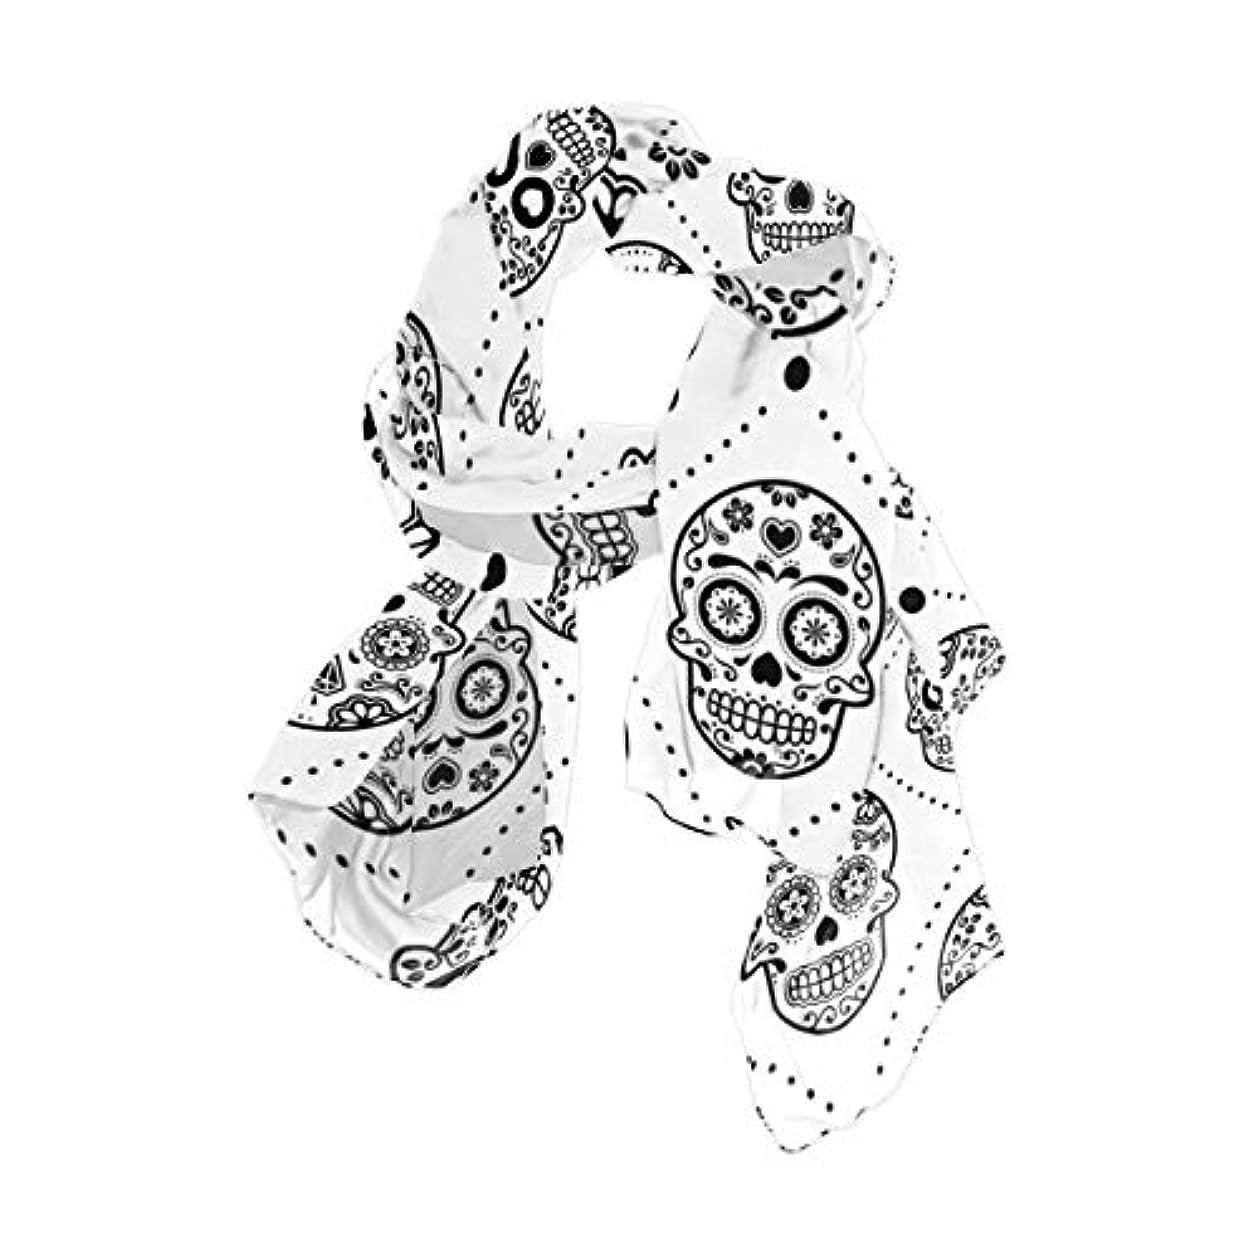 マーガレットミッチェル読み書きのできないびっくりするユサキ(USAKI) スカーフ レディース 大判 チェック柄 スカル 髑髏 ストール 春夏秋冬 UVカット 冷房対策 シルク 肌触り ショール パーティー 90×180cm